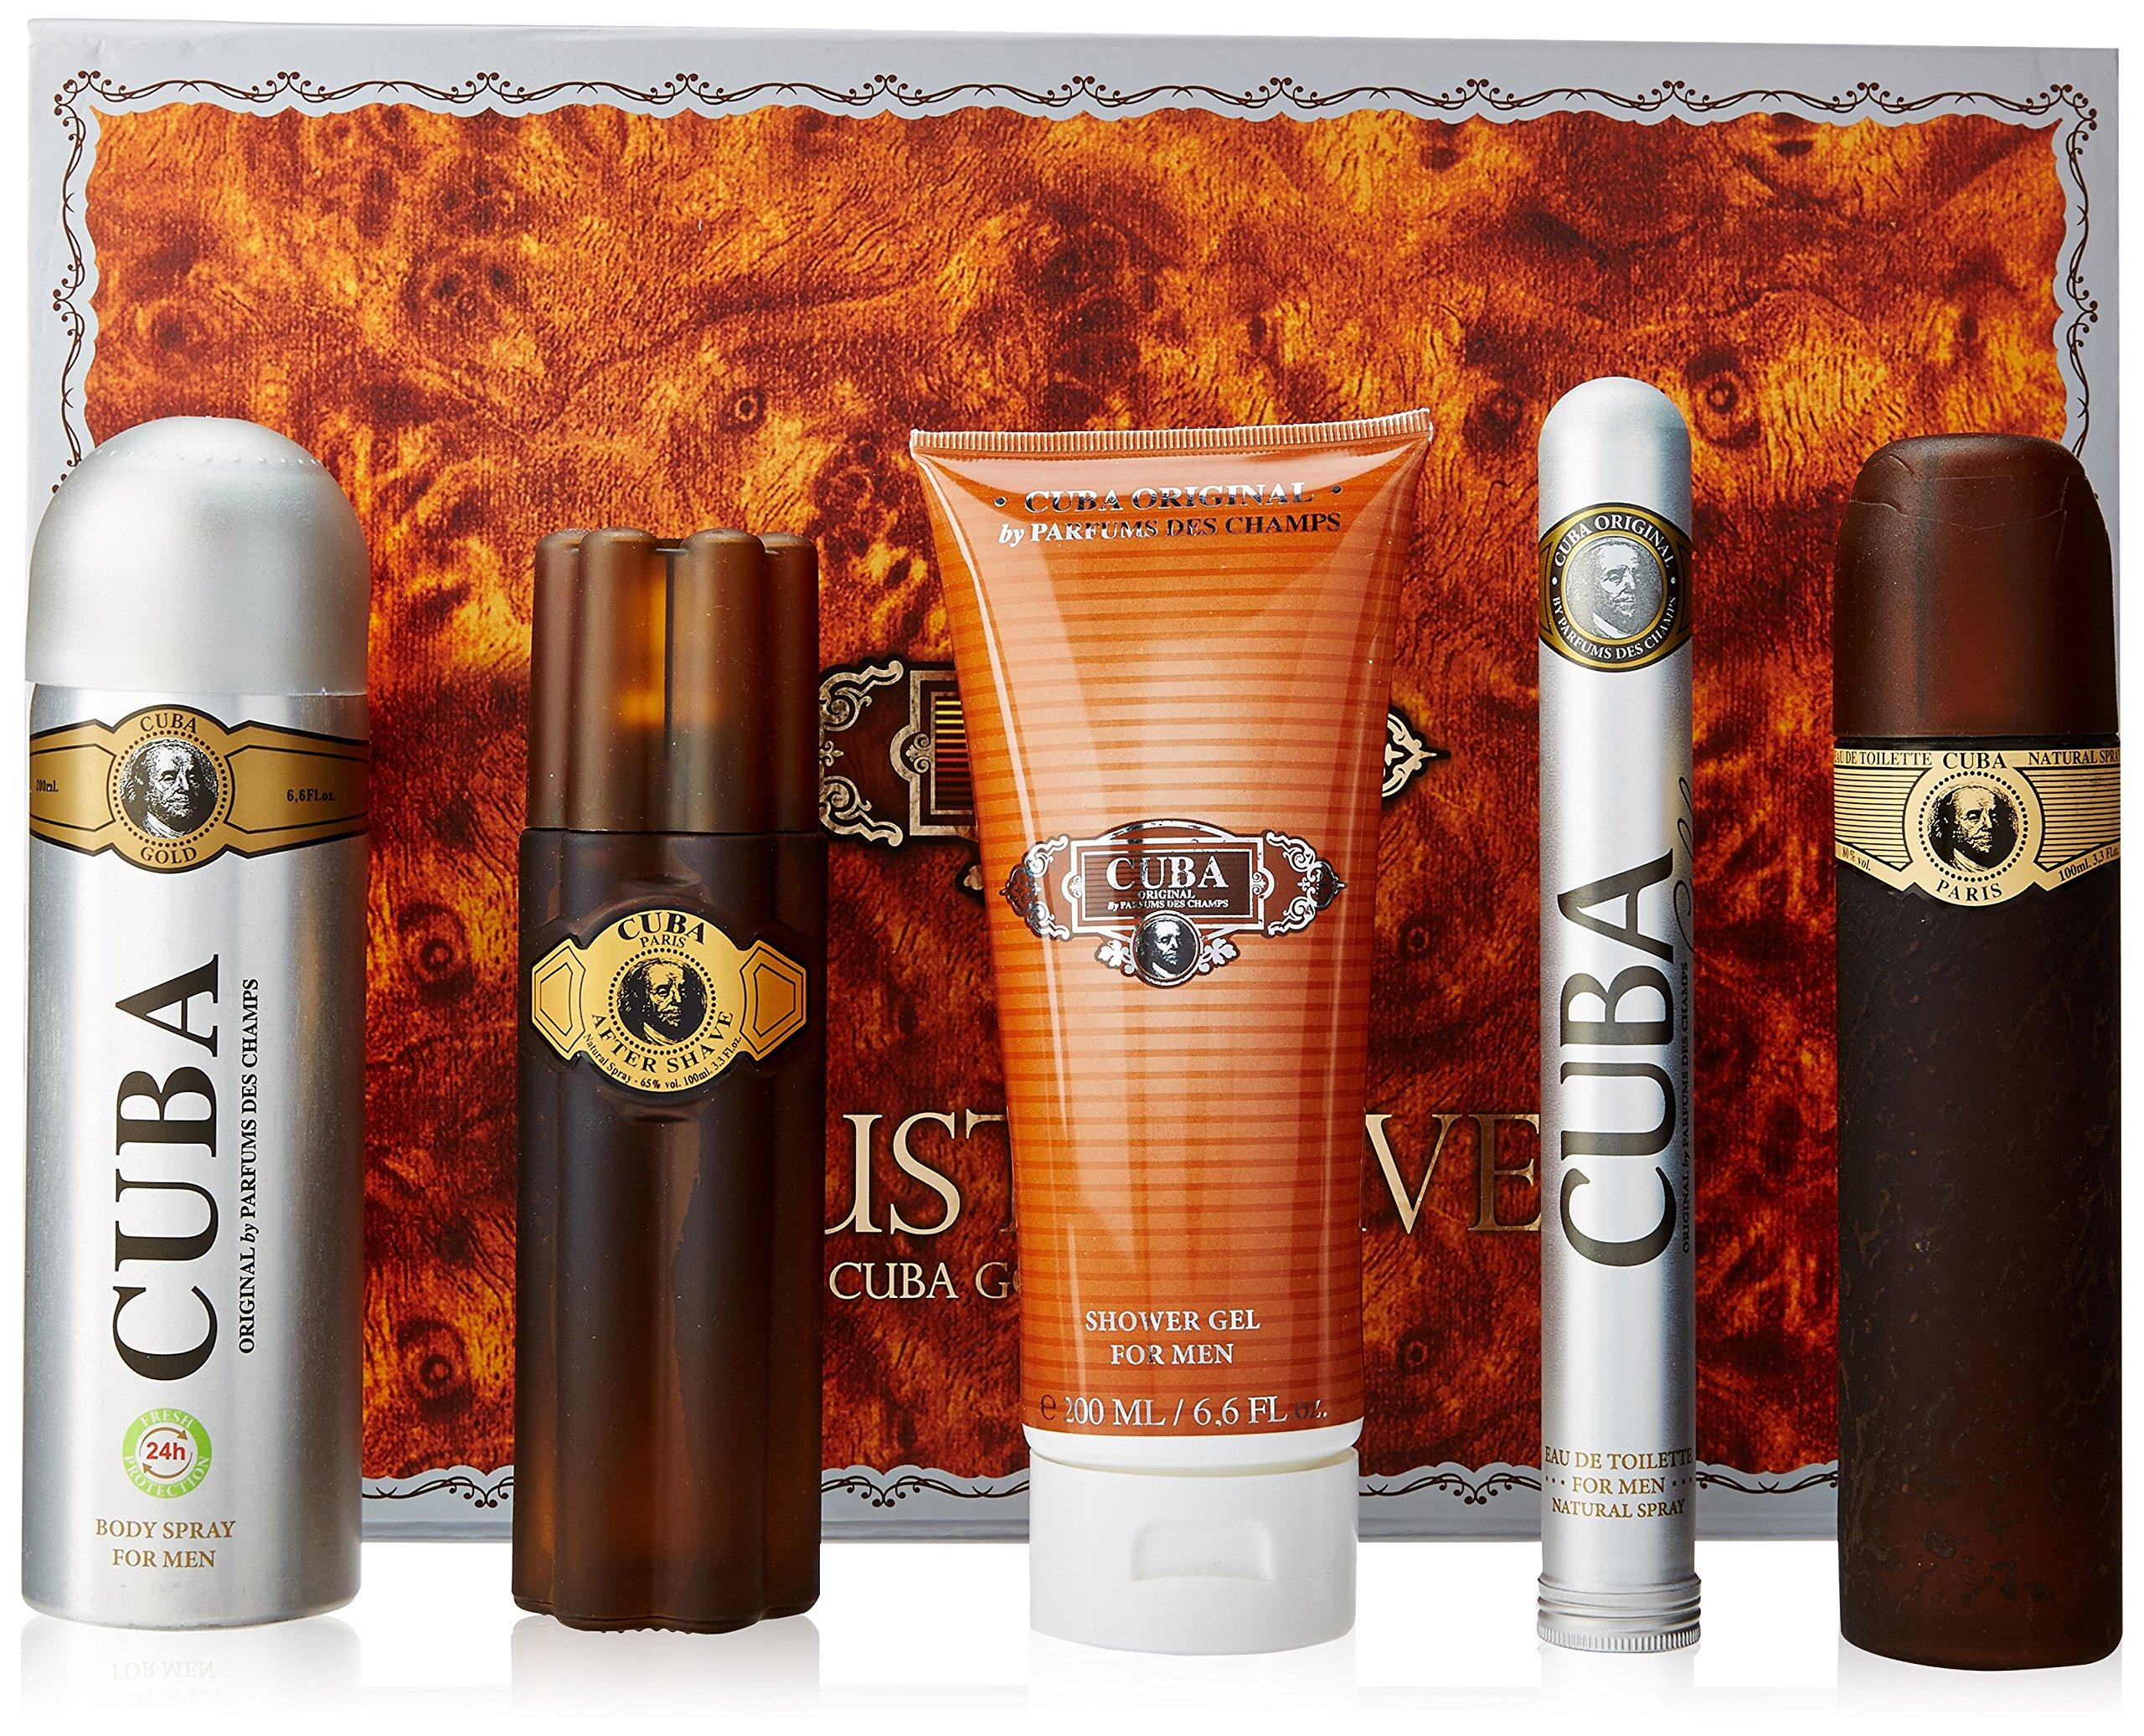 Cuba Gold for Men Gift Set (Eau de Toilette Spray 3.3 Ounce, Eau de Toilette Spray 1.17 Ounce, After Shave, Deodorant Spray, Shower Gel) by Cuba